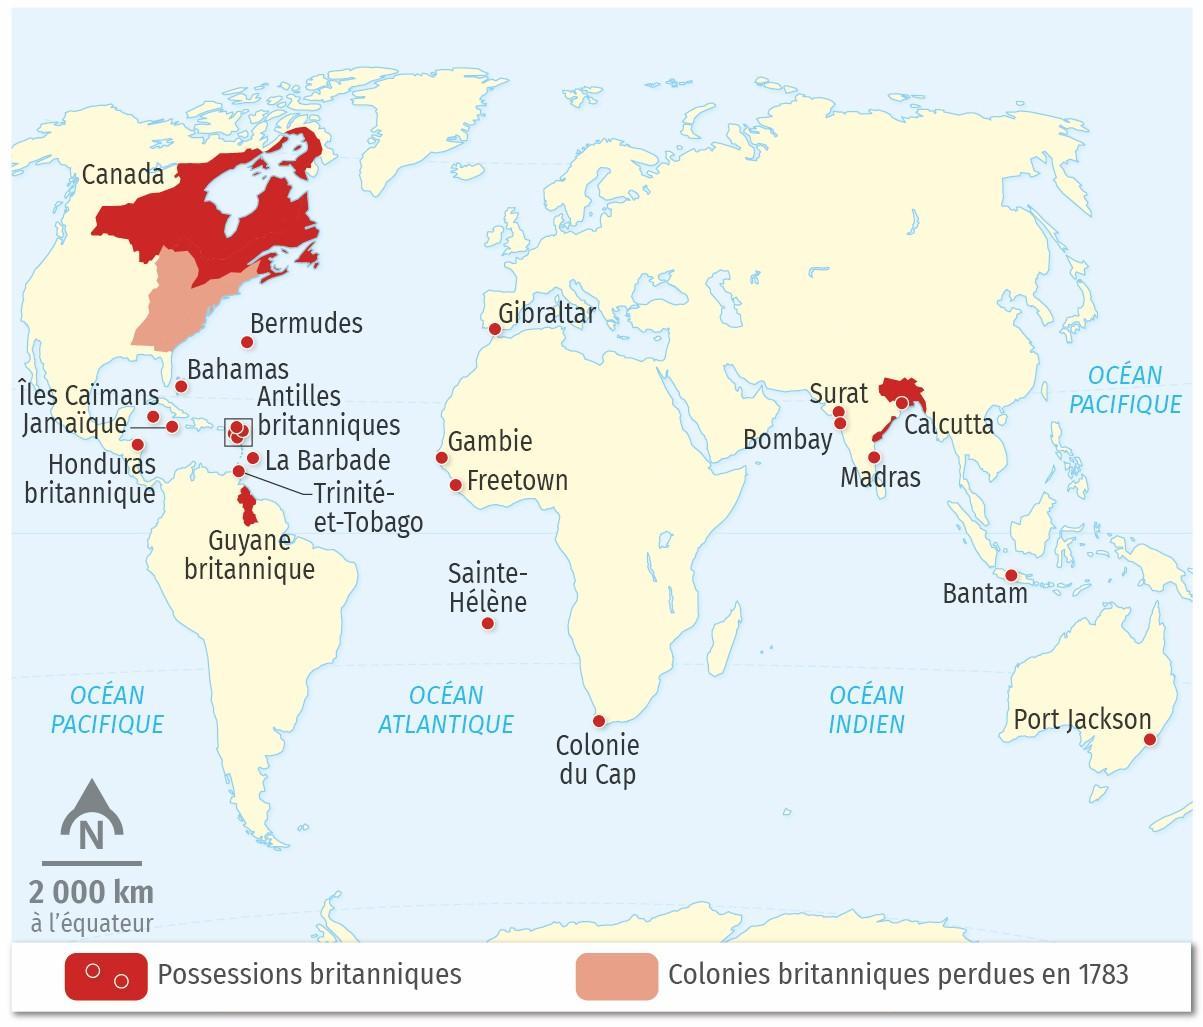 L'empire britannique à la fin du XVIIIe siècle